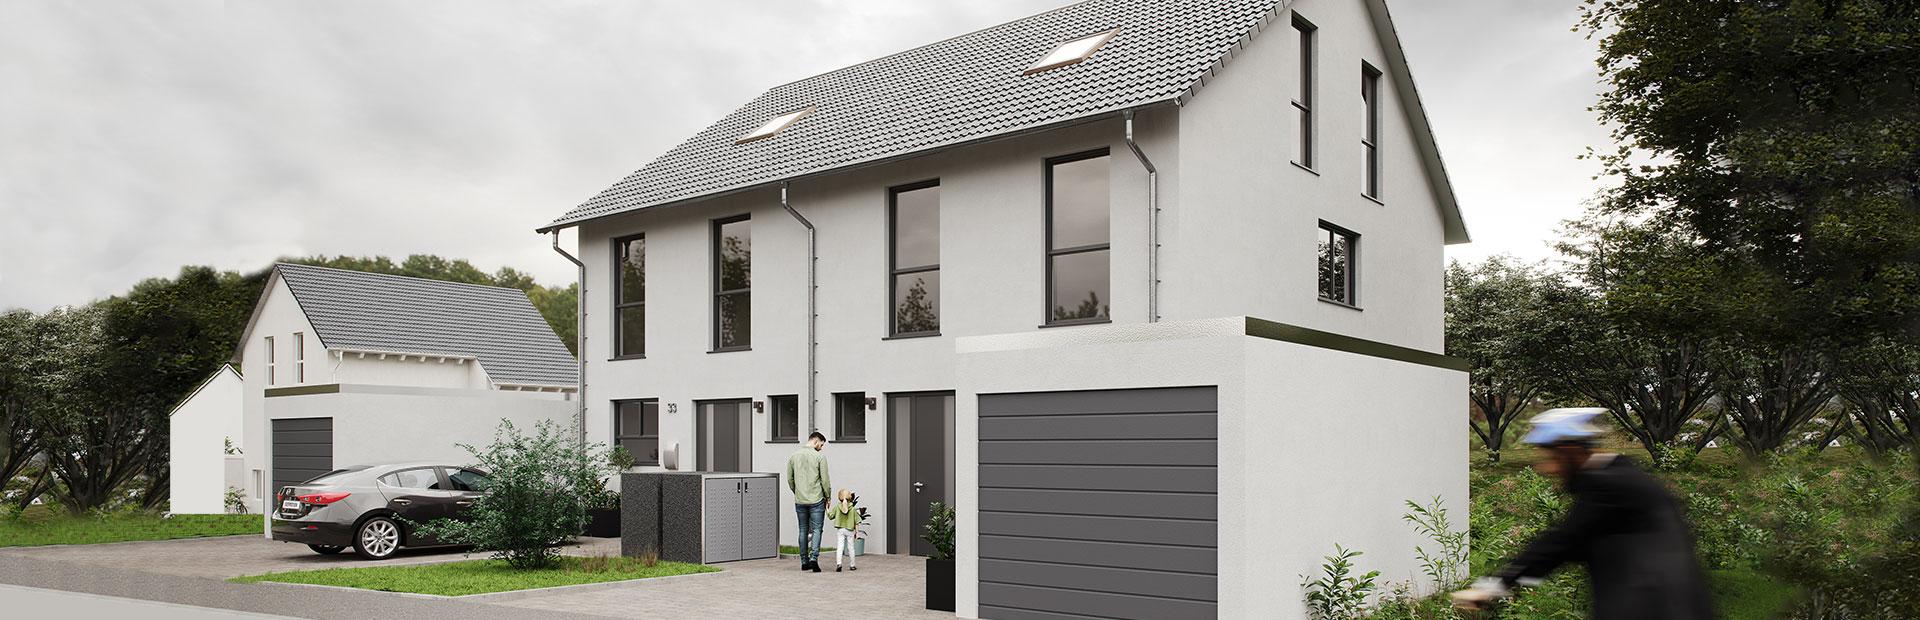 Geräumiges Doppelhaus bauen lassen